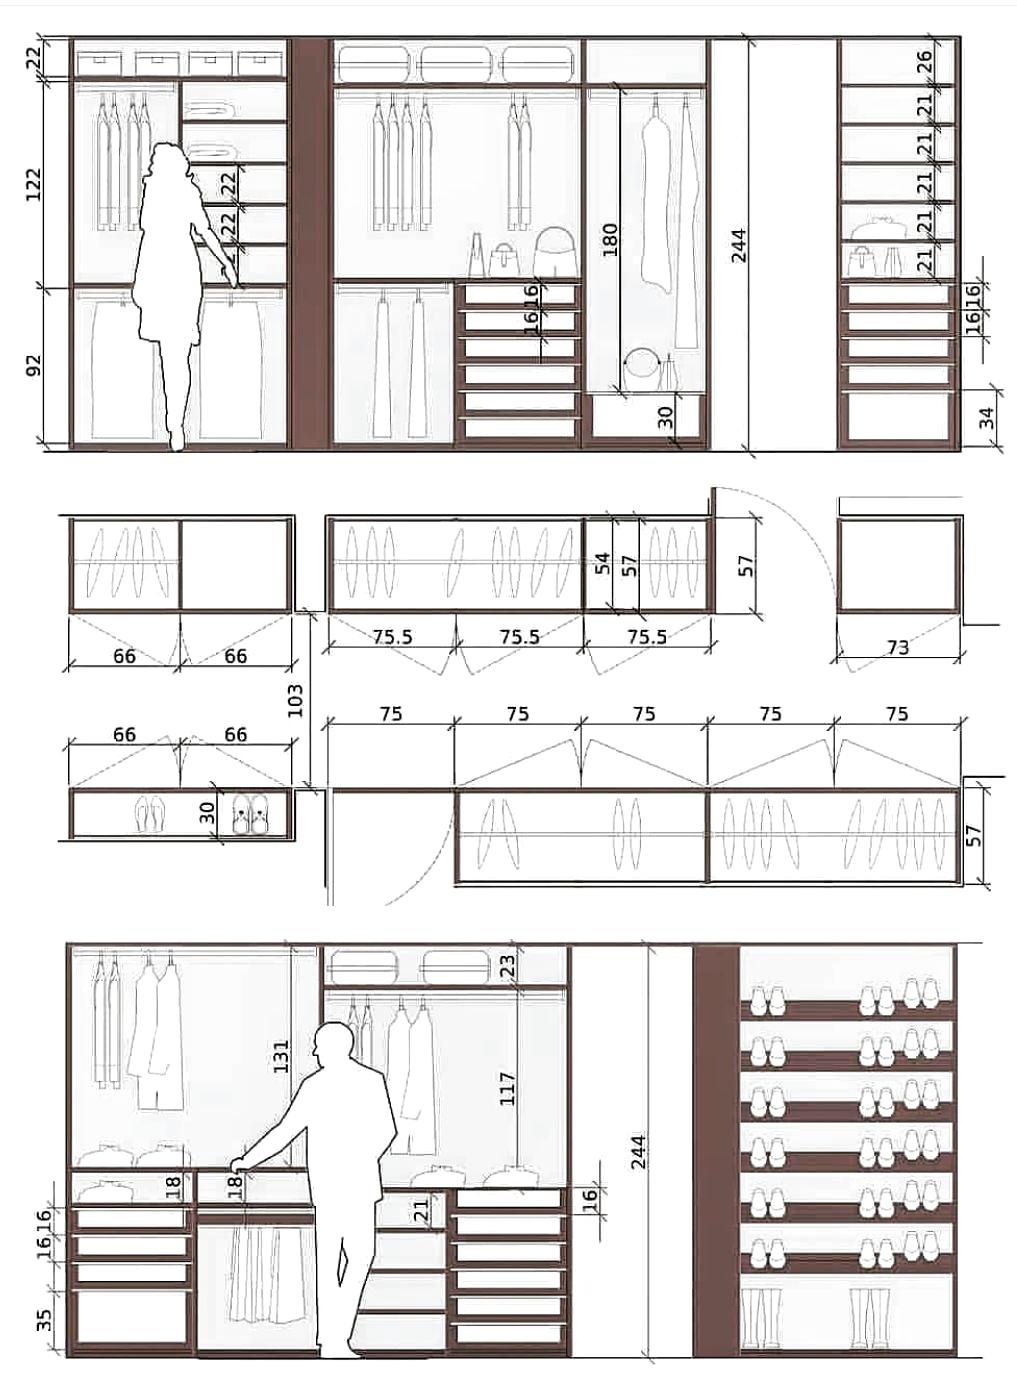 Gardirop Plan Ve Gorusunusu Kleiderschrank Design Ankleidezimmer Design Schlafzimmerrenovierung